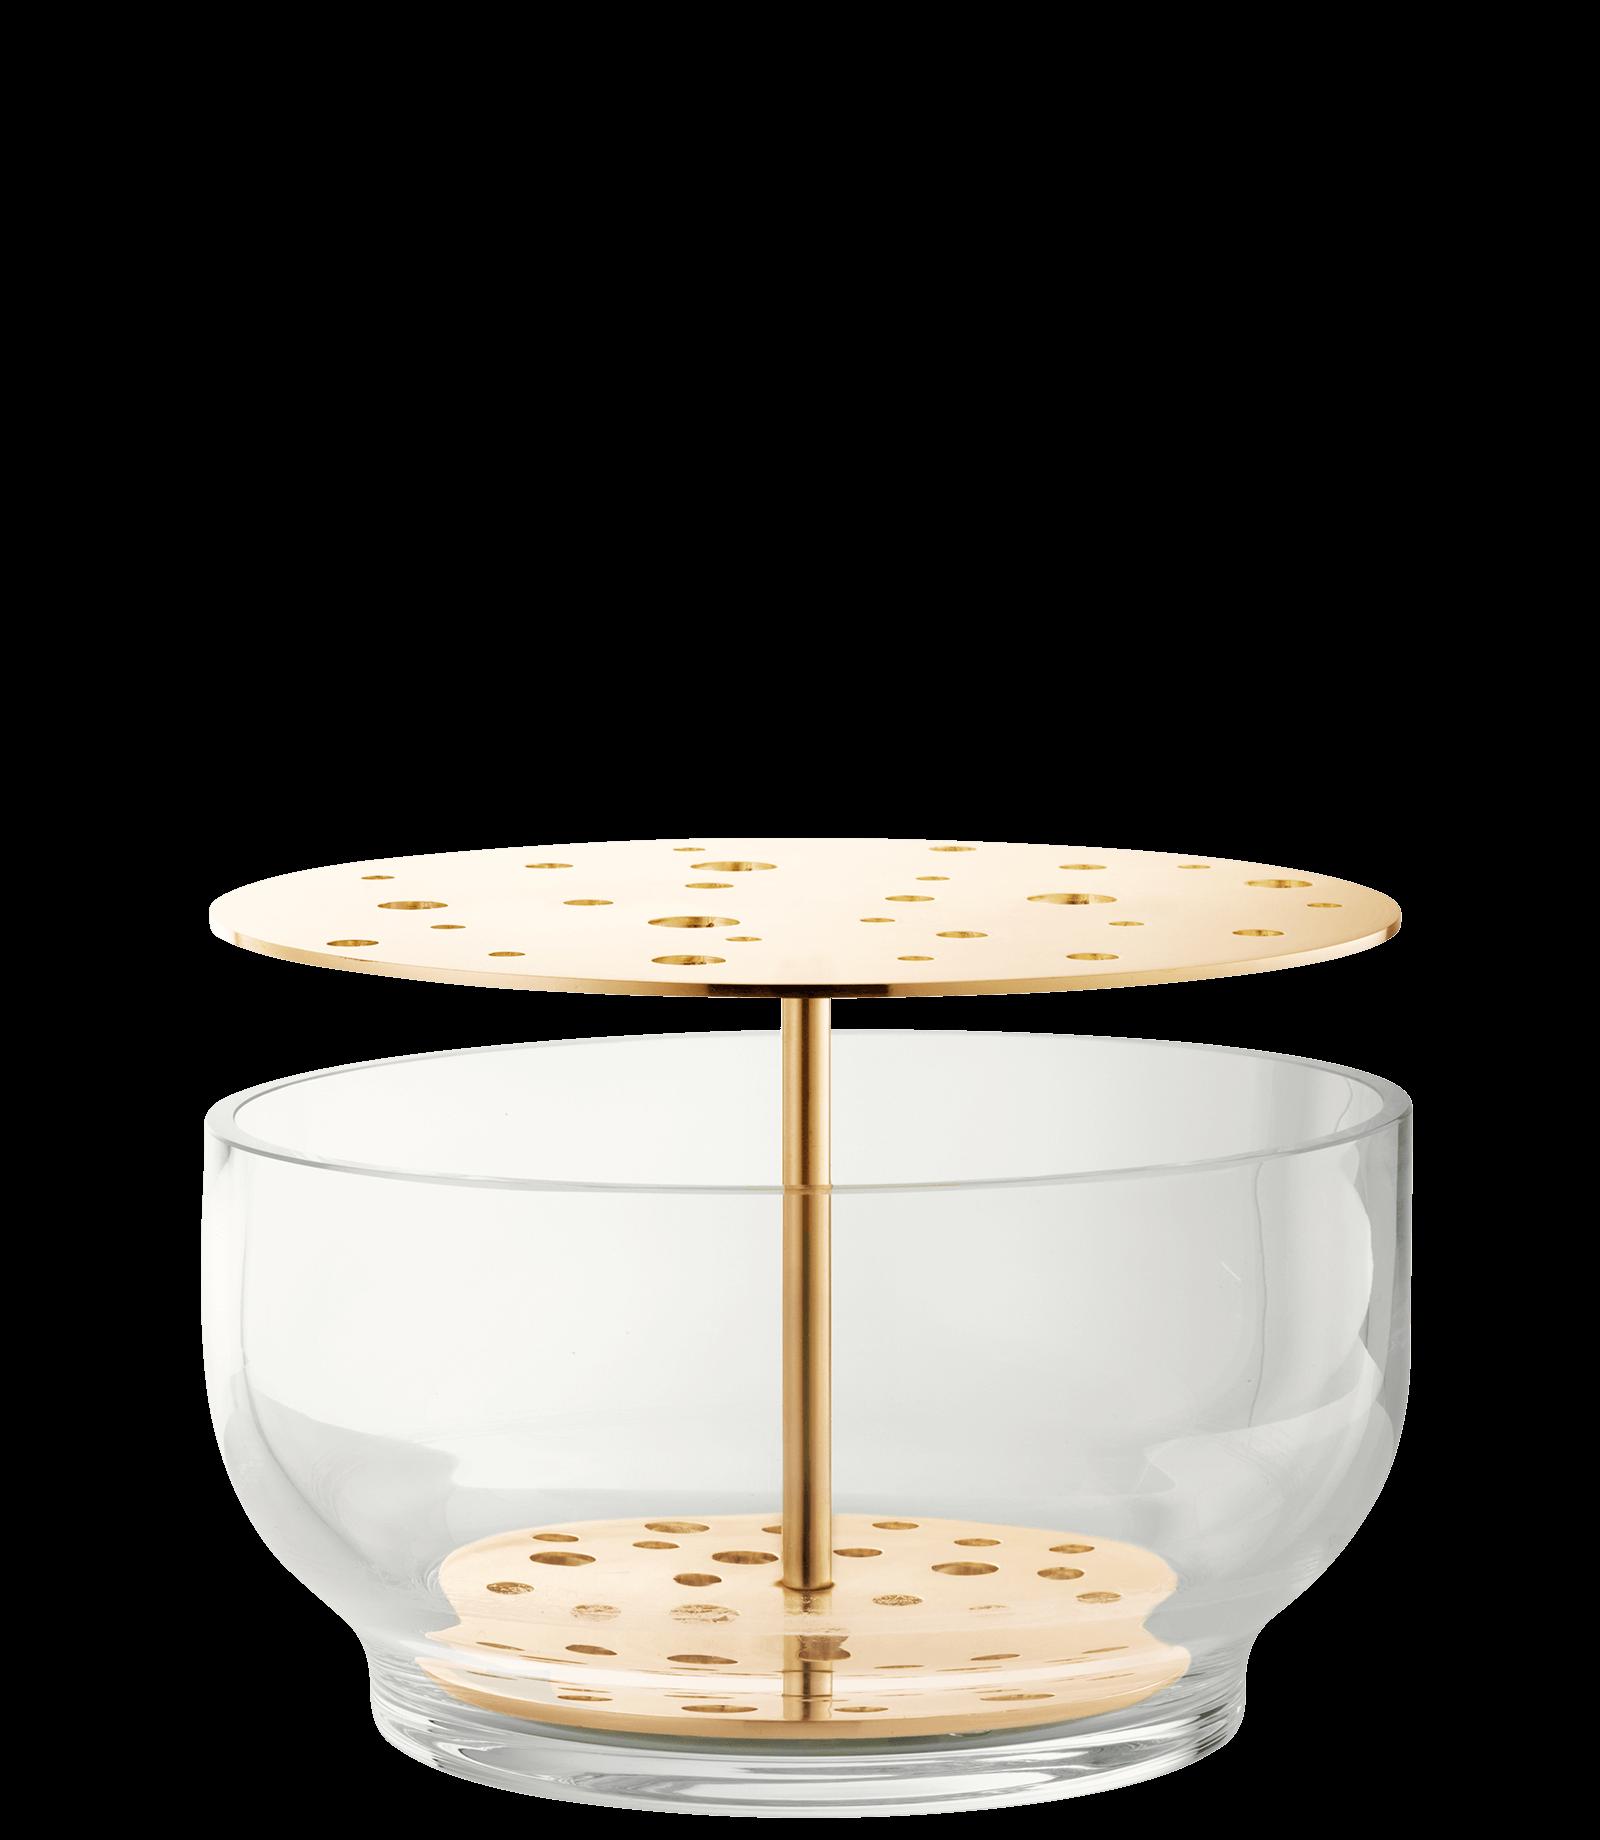 FRITZHANSEN(フリッツハンセン)ikebana vase Large(イケバナベース ラージ)フラワーベース/花瓶